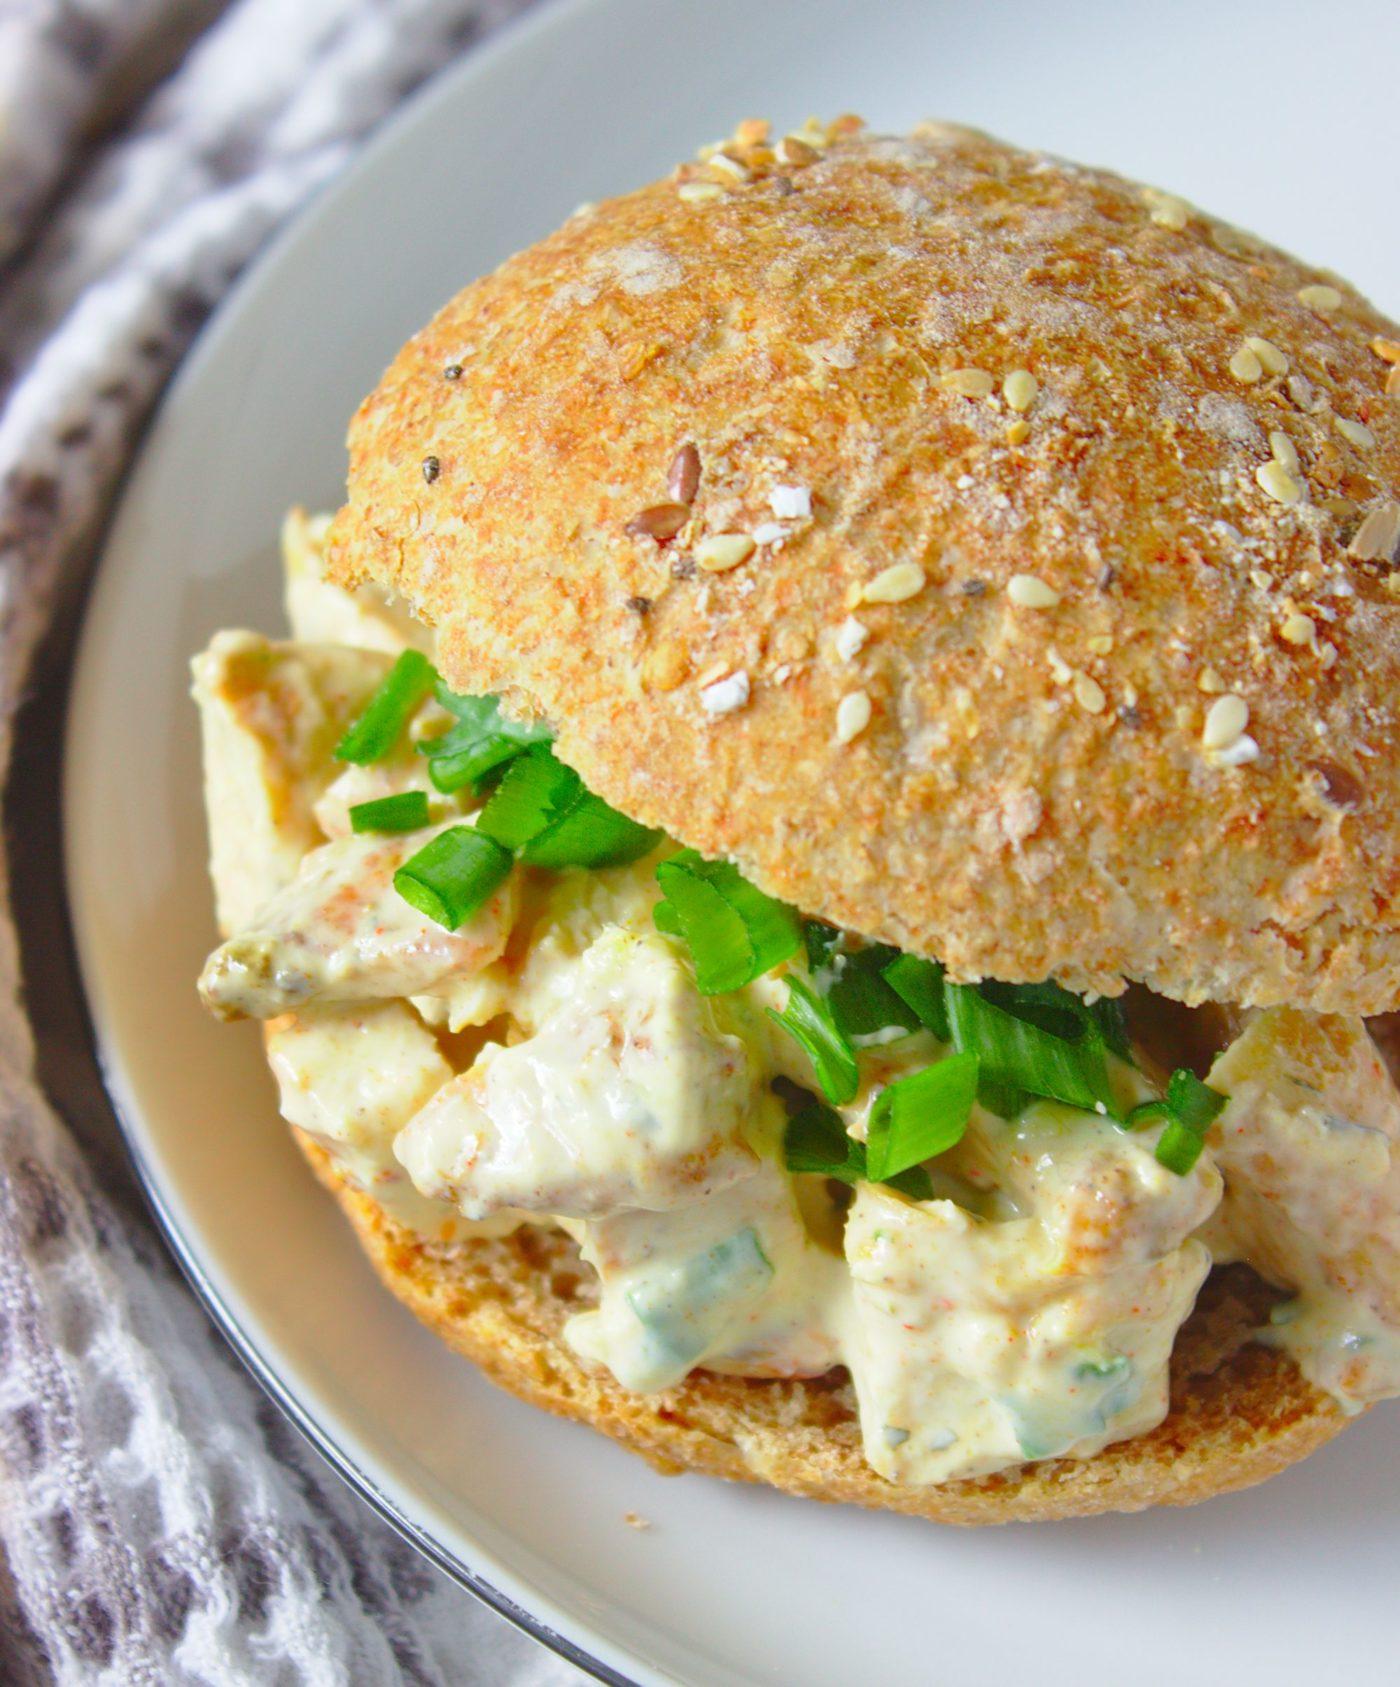 szybka-salatka-kanapkowa-z-kurczakiem-curry-i-pistacjami